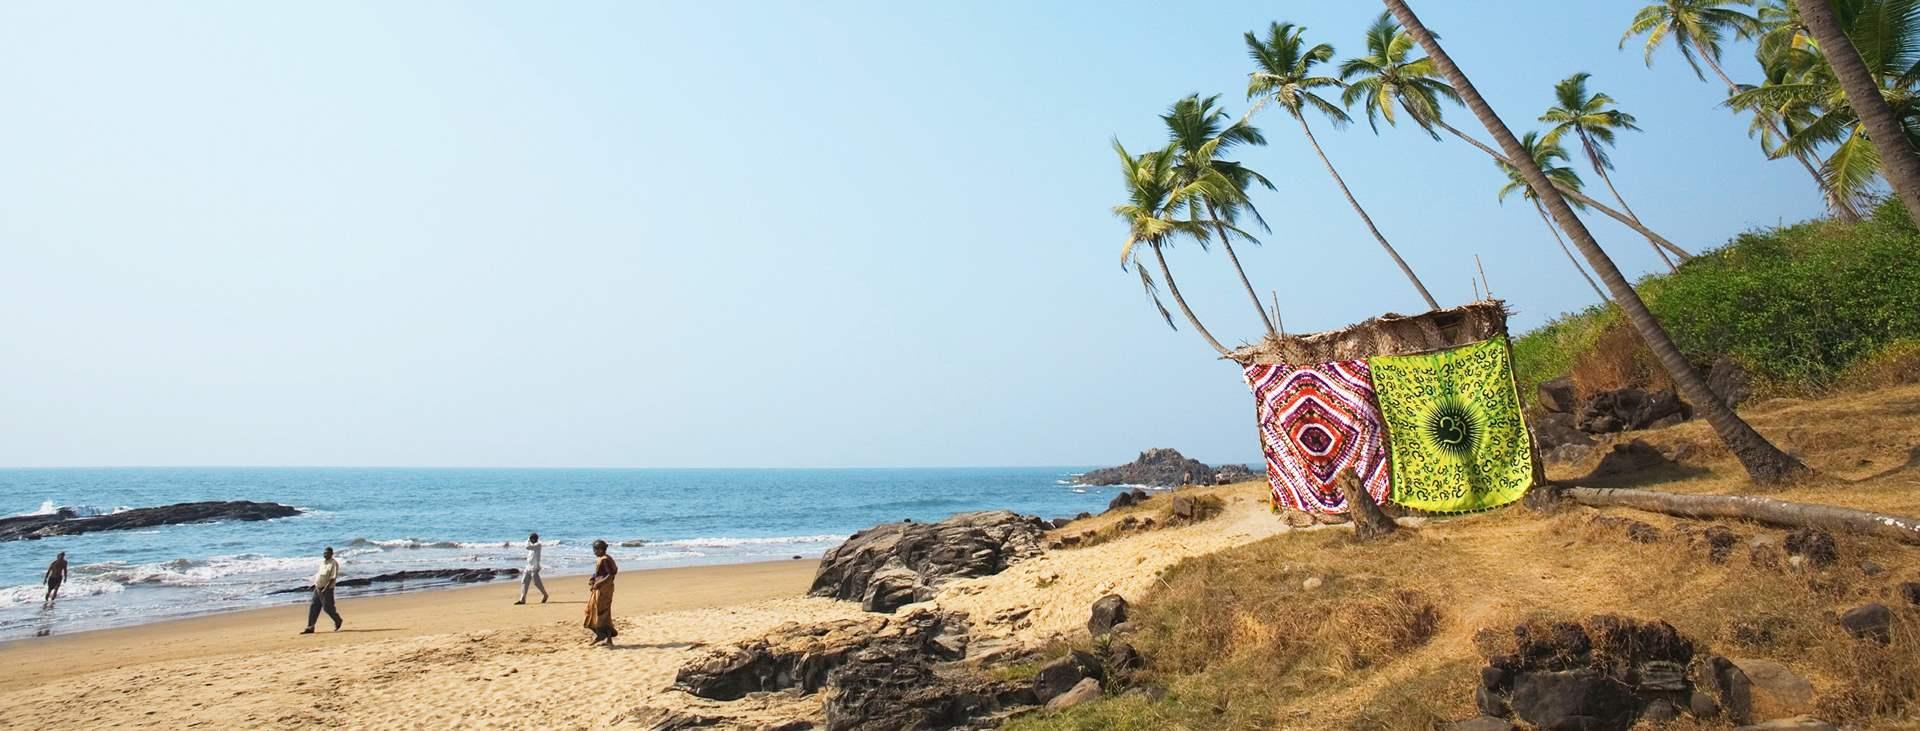 Lähde Tjäreborgin kautta Pohjois-Goaan, Intiaan